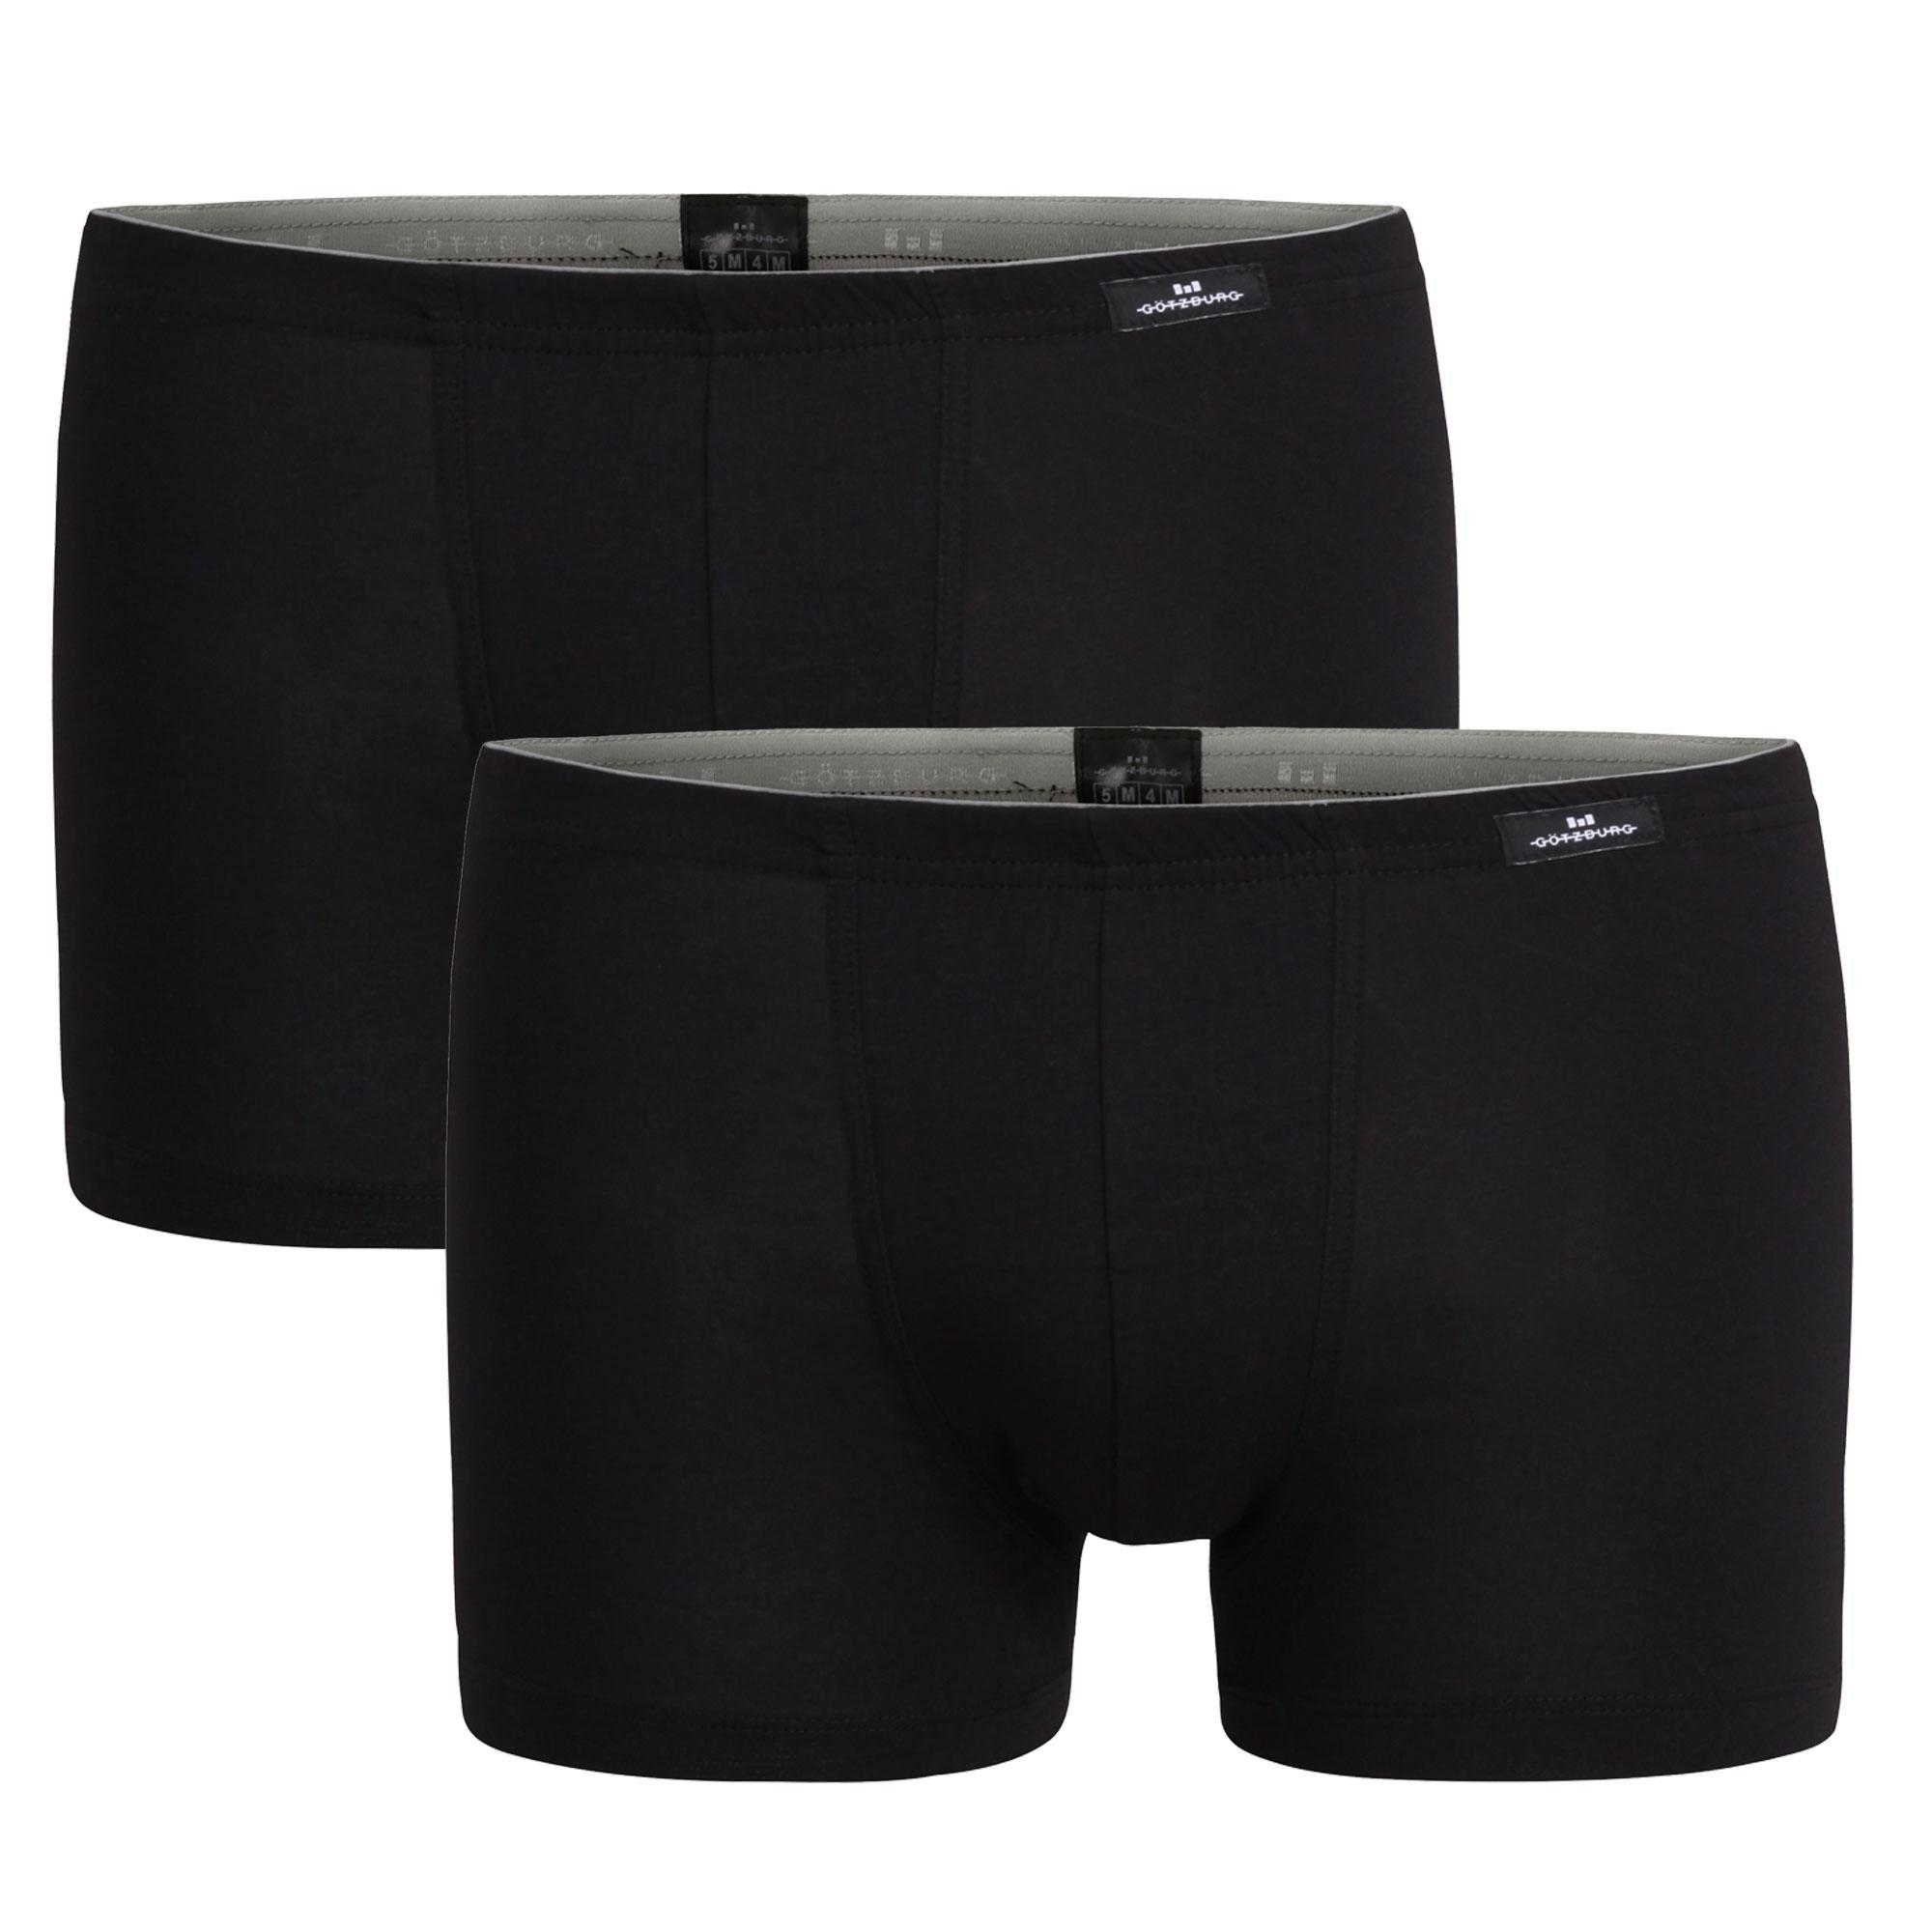 Götzburg Herren Modal Pants, 2 Stück, atmungsaktiv, weich – Bild 2